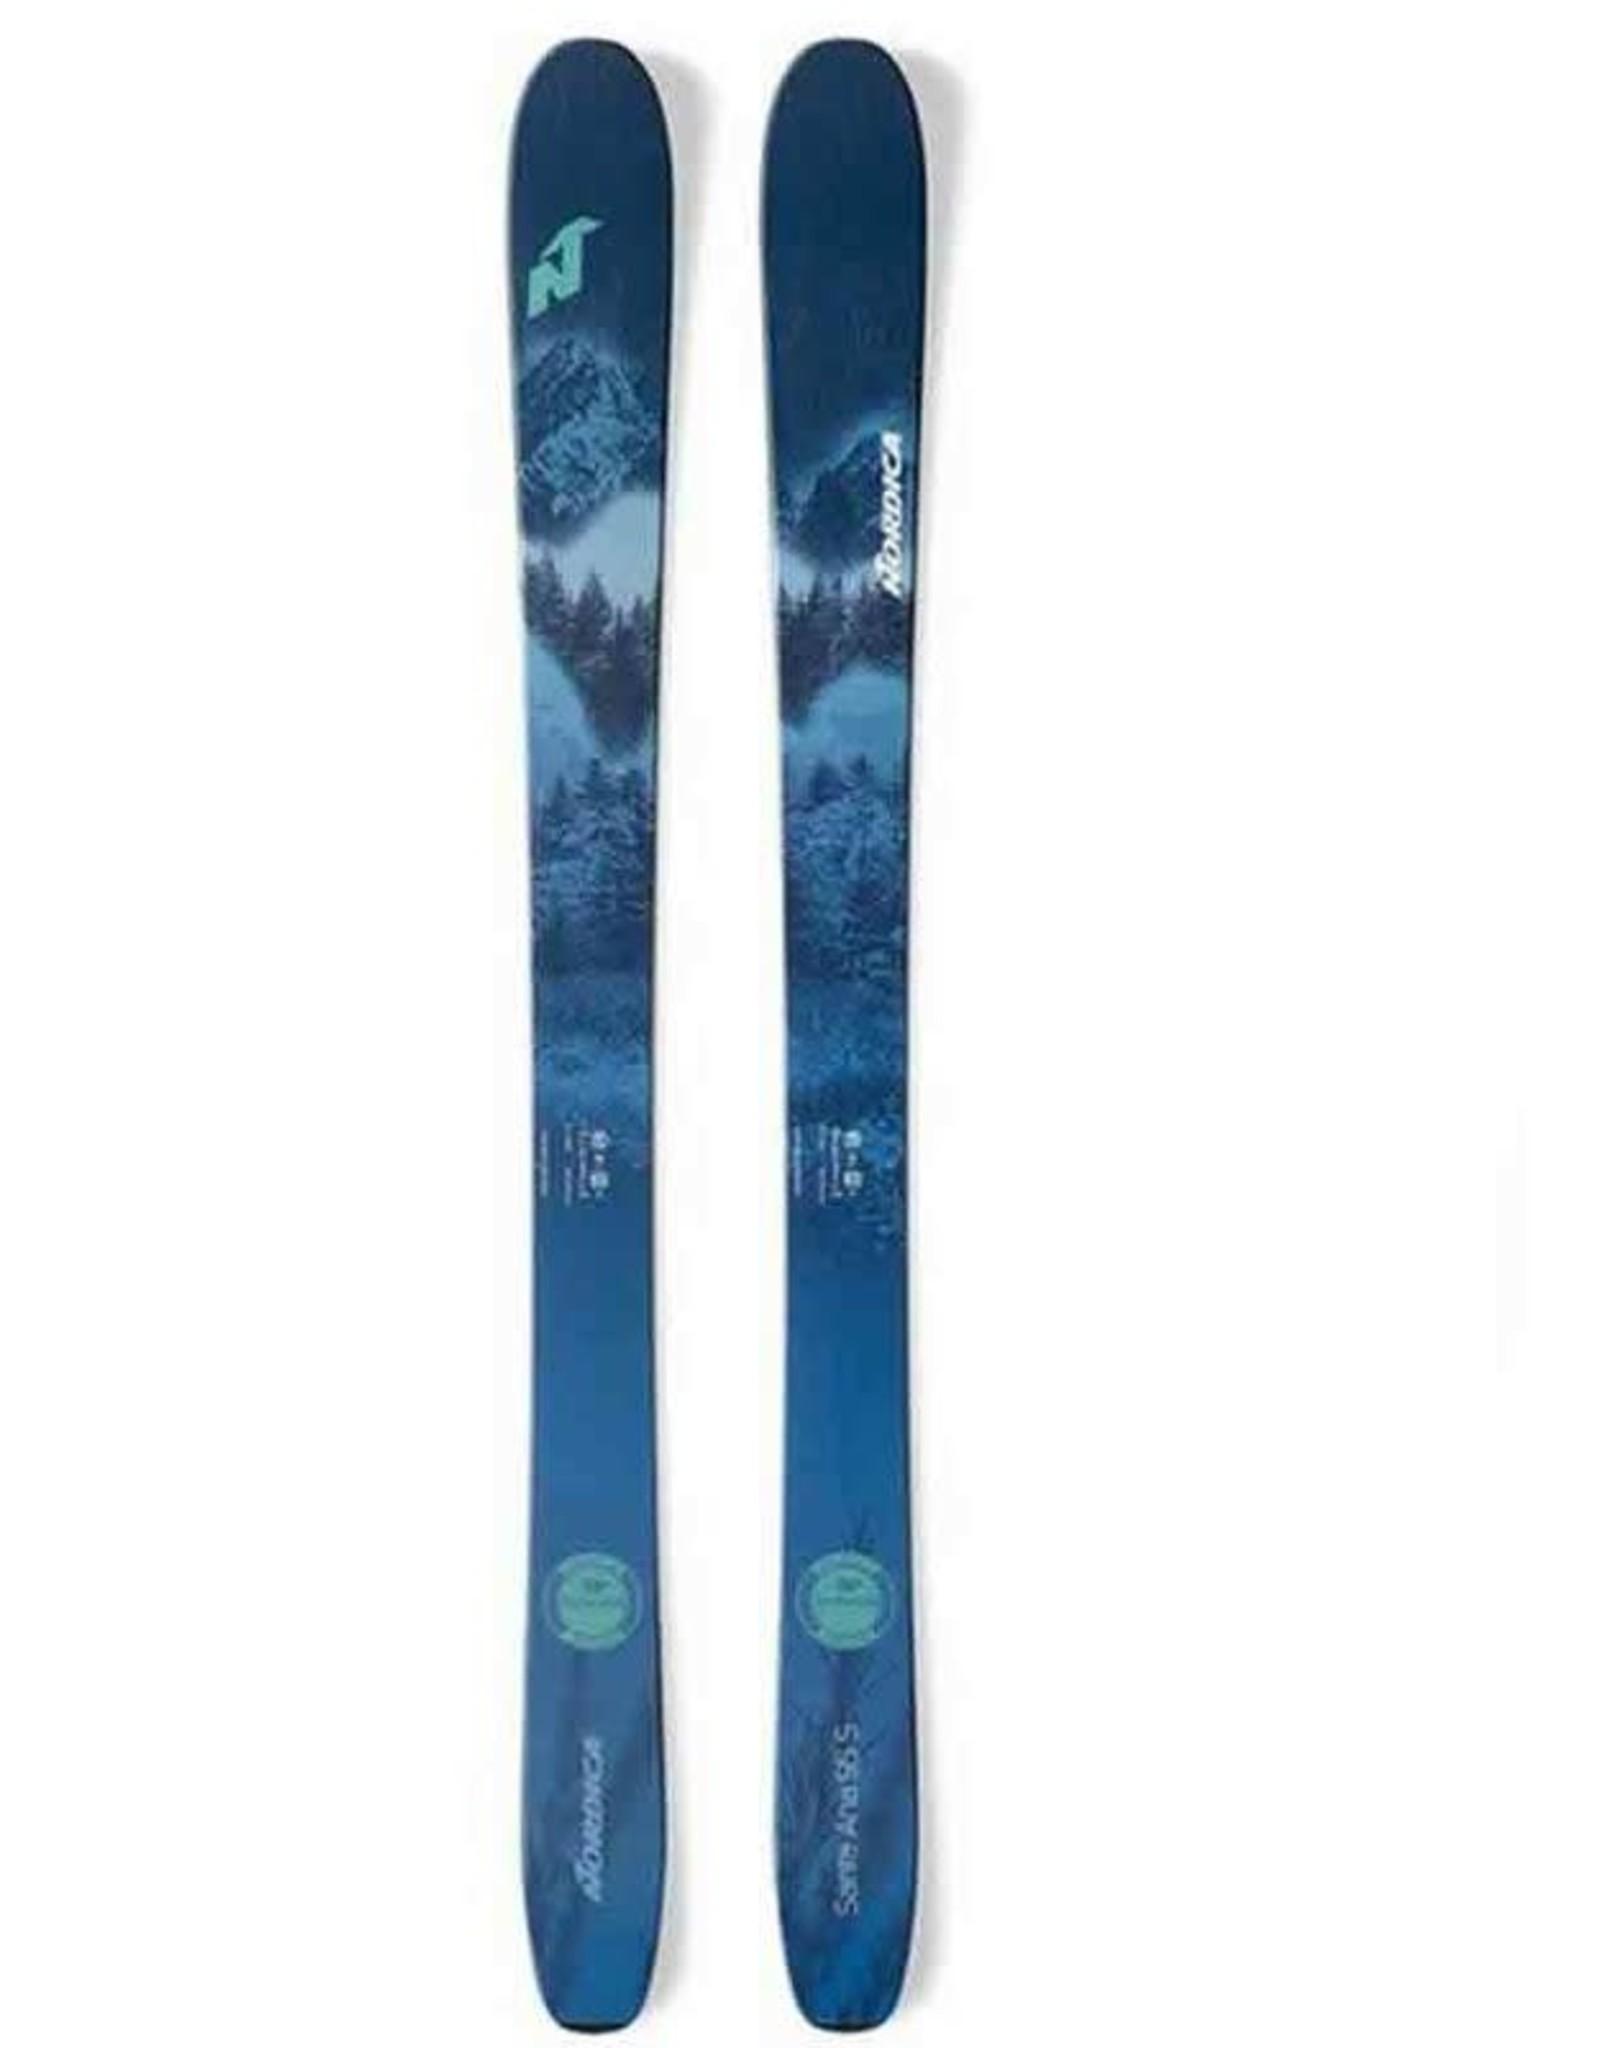 NORDICA NORDICA Skis SANTA ANA 95 S (20/21)